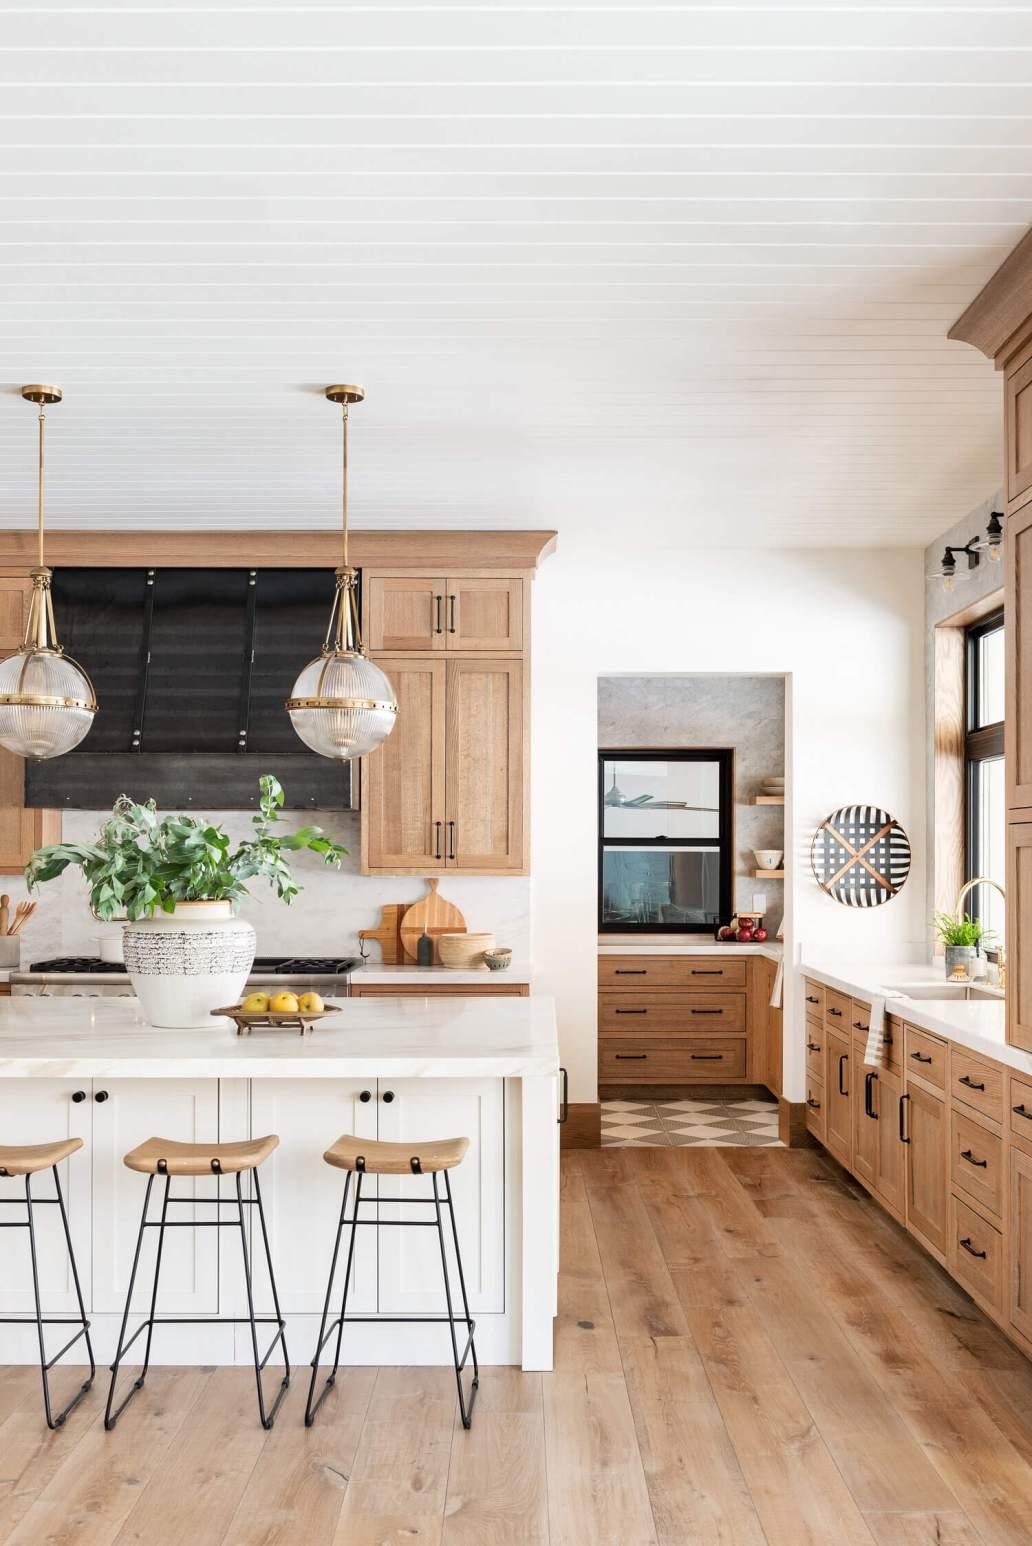 Une cuisine en bois fait par un cuisiniste  1367x2048 - Quels critères pour bien choisir son cuisiniste ?